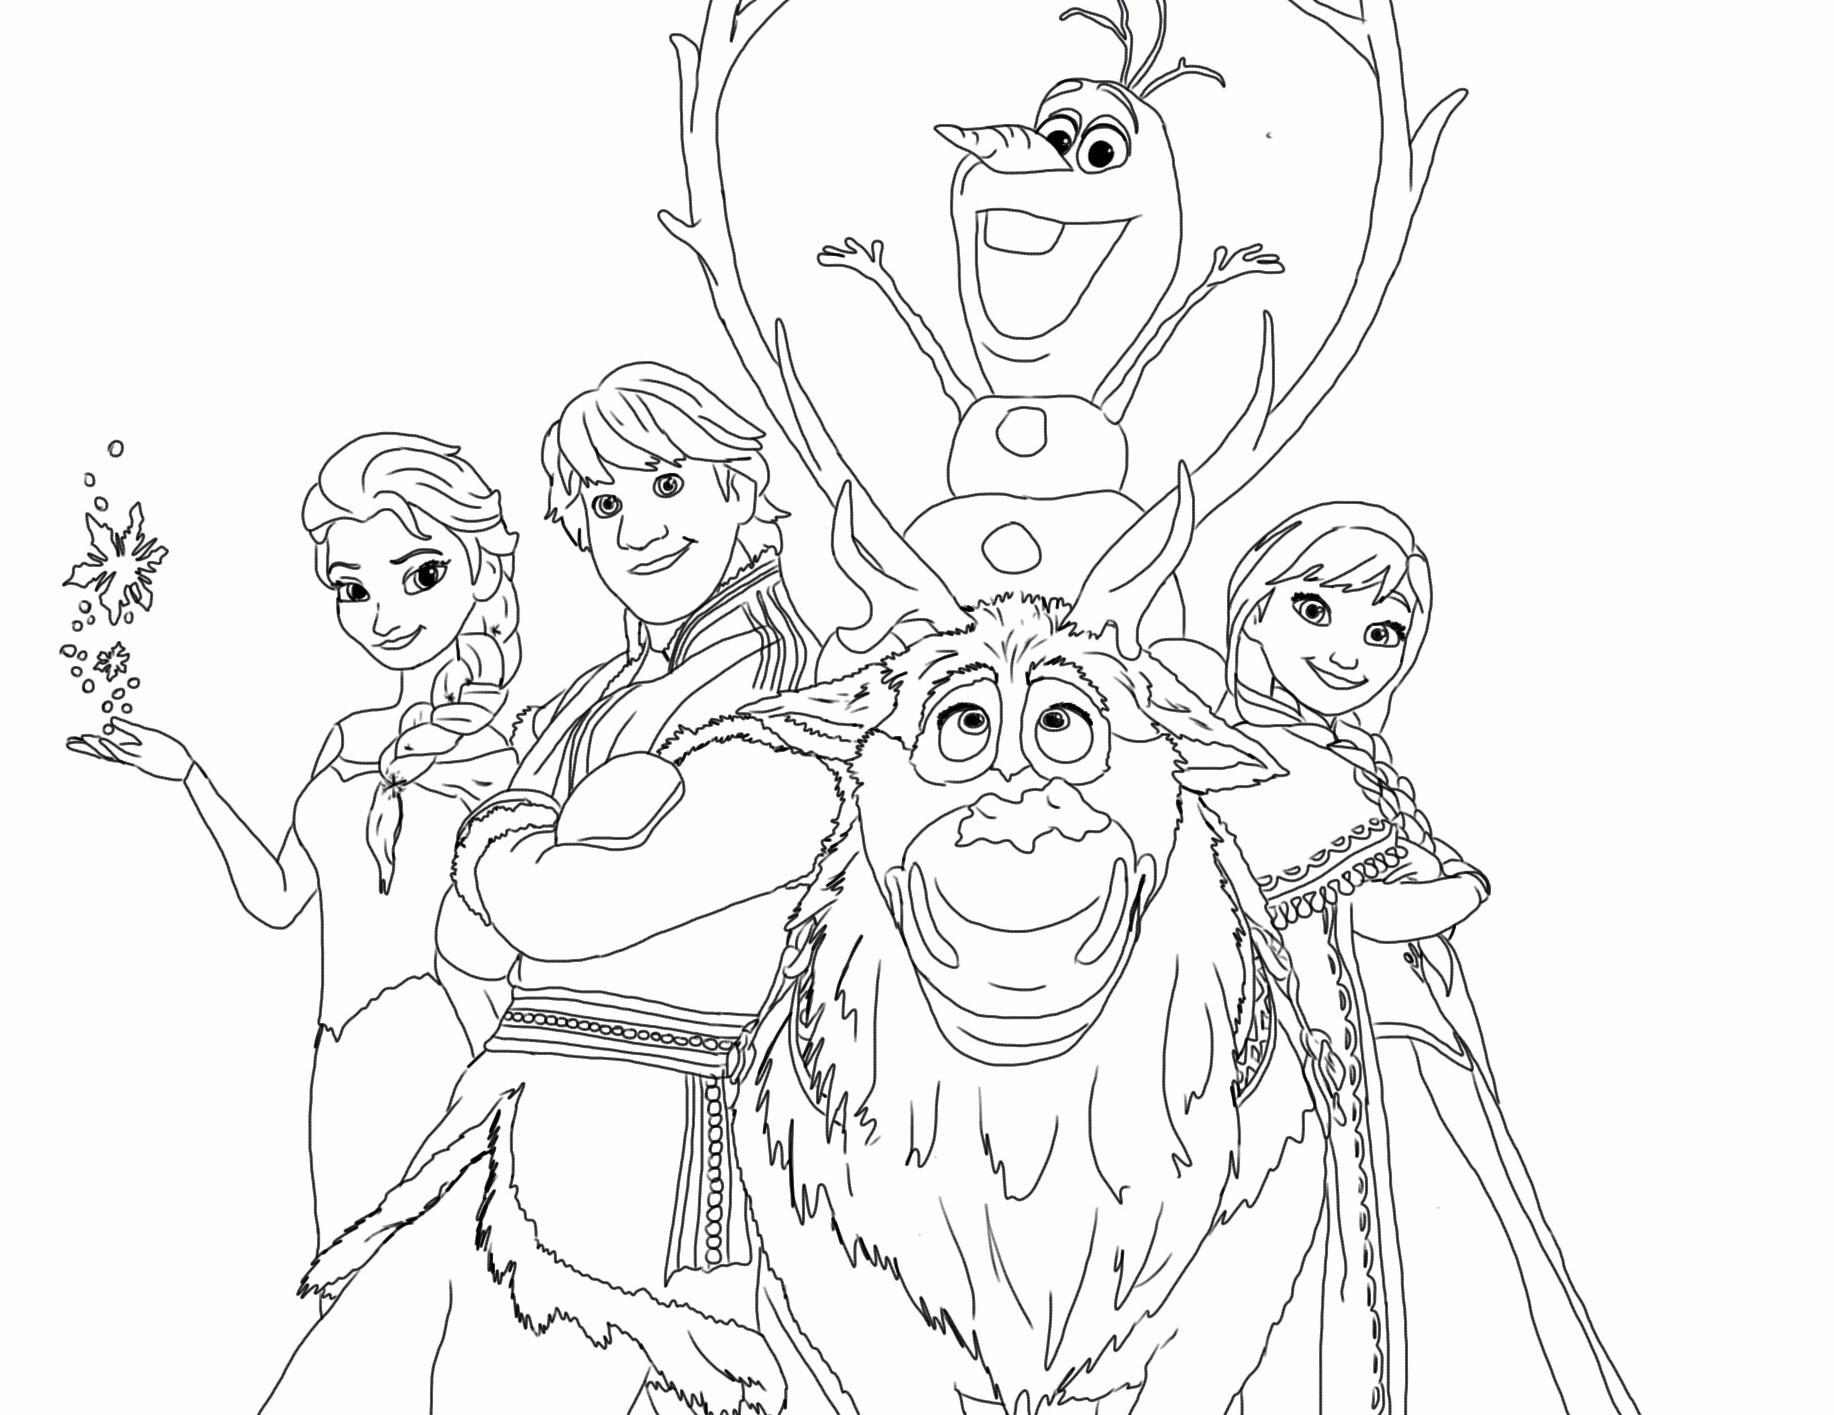 Kumpulan Gambar Mewarnai Frozen Untuk Tk Dan Sd Marimewarnaicom